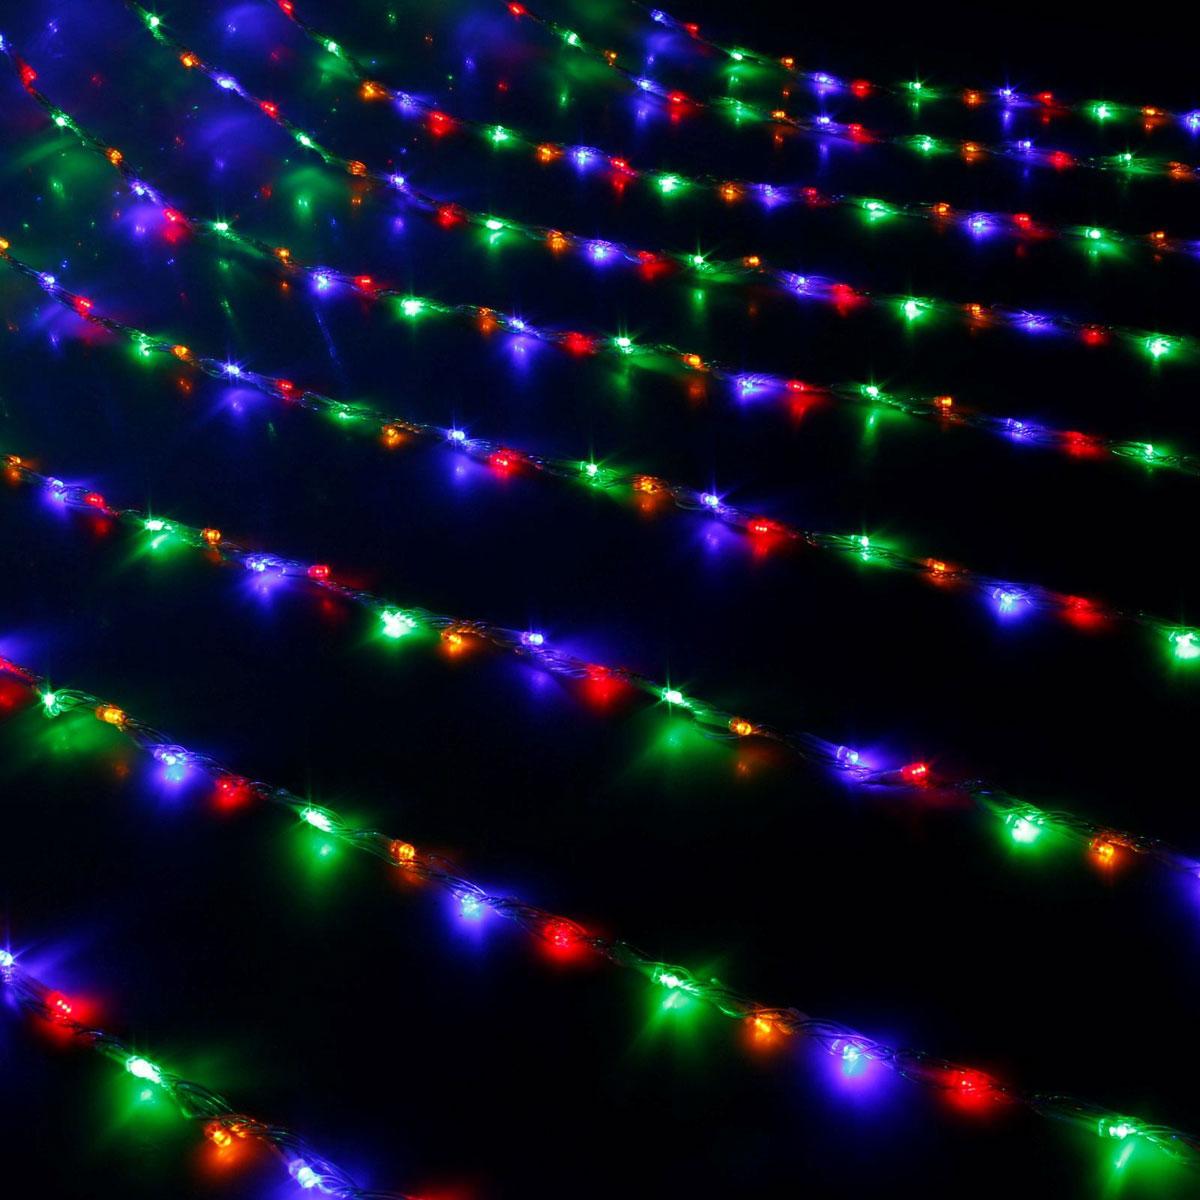 Гирлянда светодиодная Luazon Дождь, цвет: мультиколор, 300 ламп, 8 режимов, 220 V, 1,5 х 1 м513-266Светодиодные гирлянды и ленты — это отличный вариант для новогоднего оформления интерьера или фасада. С их помощью помещение любого размера можно превратить в праздничный зал, а внешние элементы зданий, украшенные ими, мгновенно станут напоминать очертания сказочного дворца. Такие украшения создают ауру предвкушения чуда. Деревья, фасады, витрины, окна и арки будто специально созданы, чтобы вы украсили их светящимися нитями.